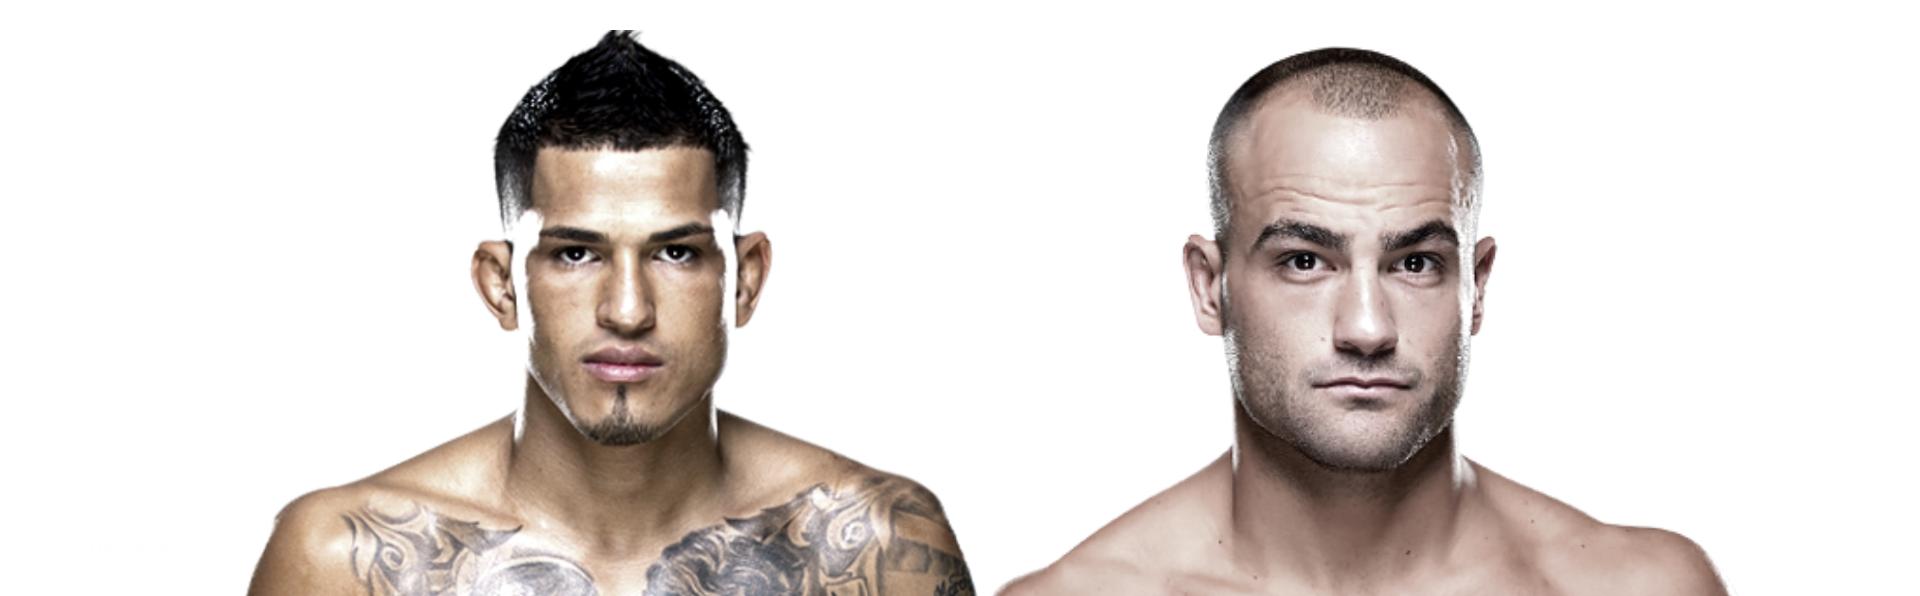 Anthony Pettis & Eddie Alvarez; UFC   Credit: UFC (Images) & Designed by: The SPARX Team